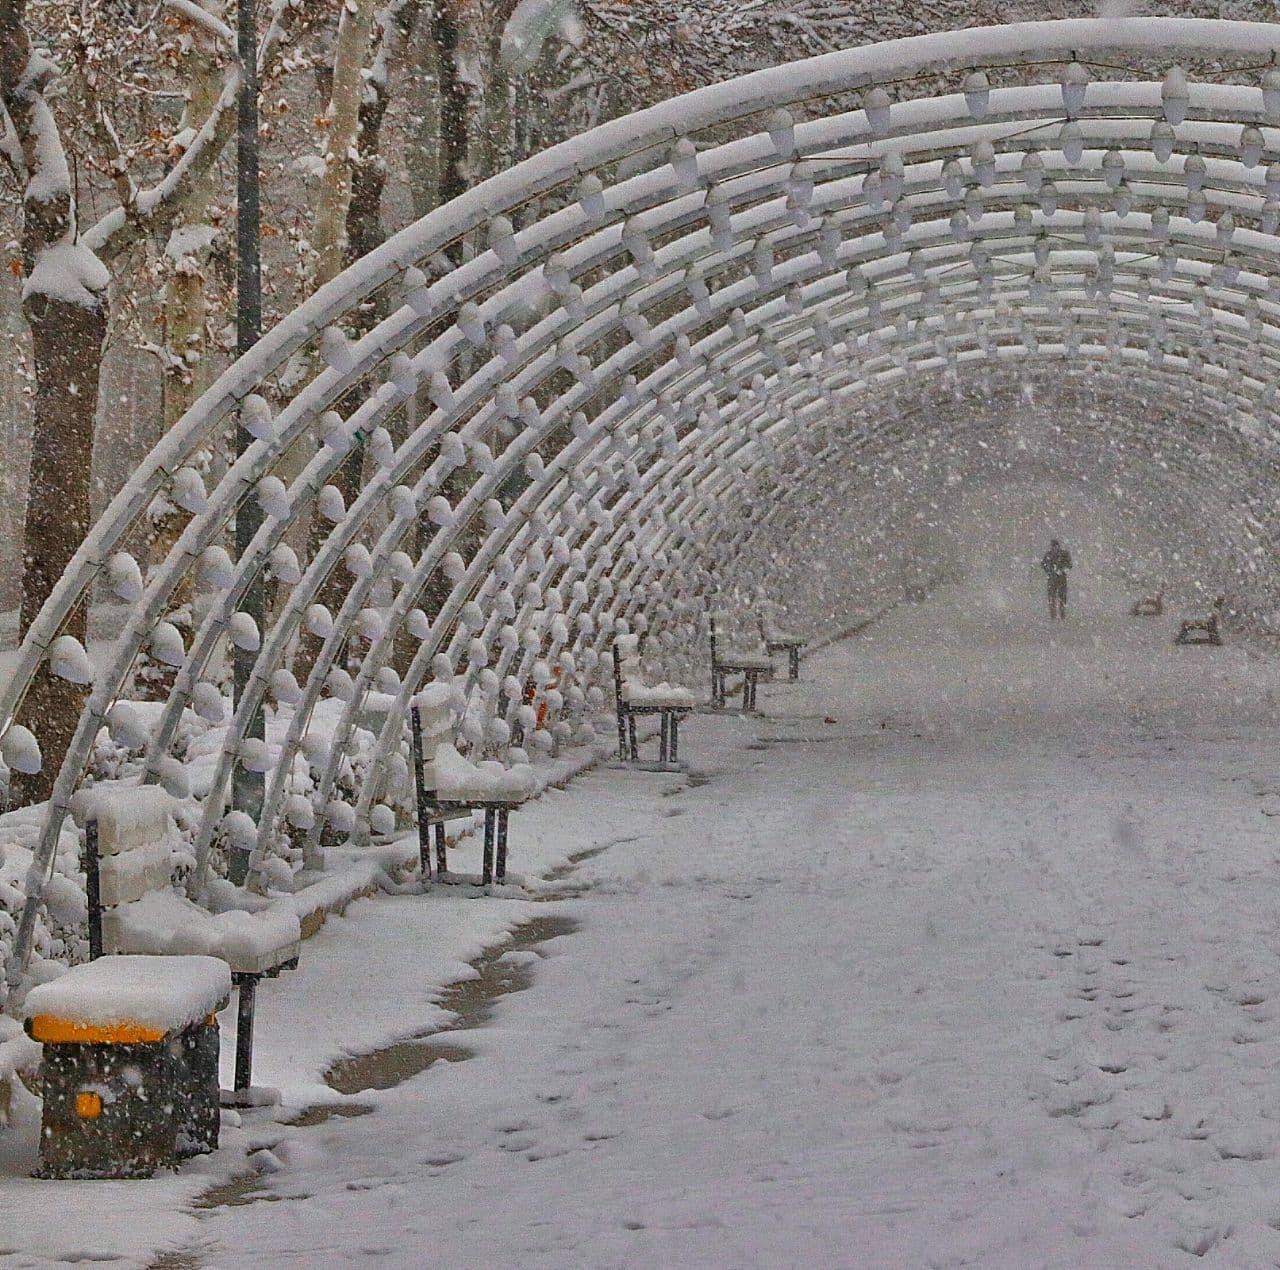 ردای سفید برف بر تن بجنورد|2834137